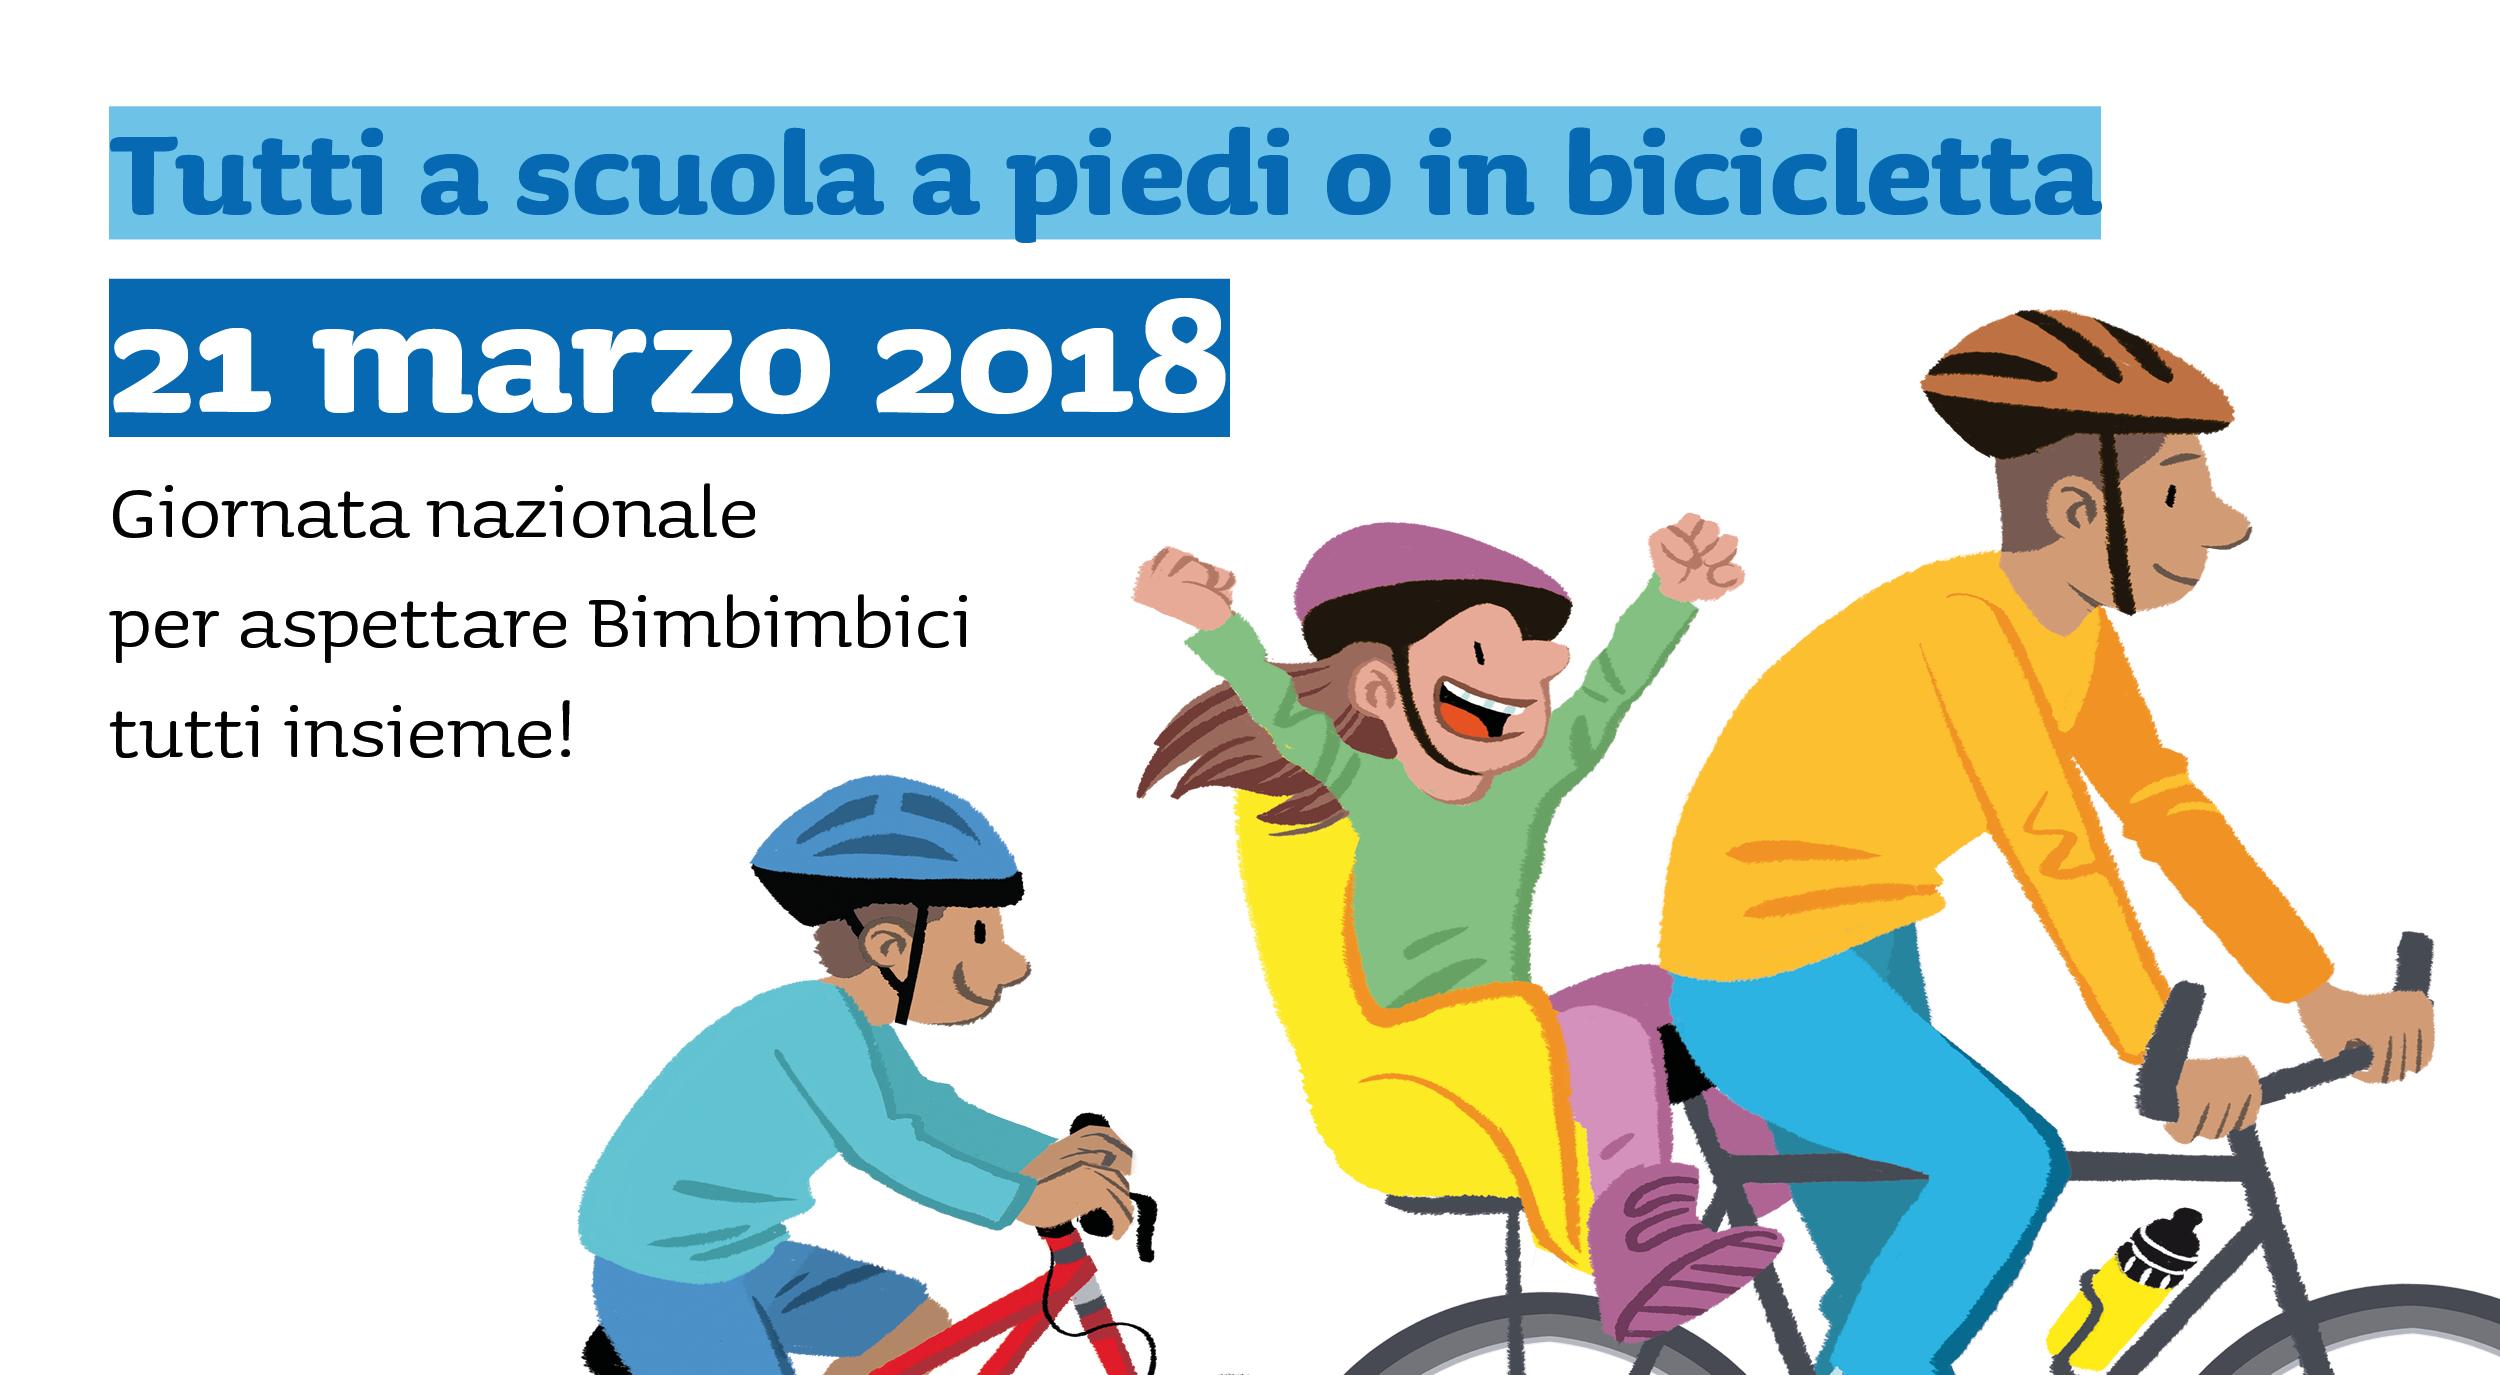 21 marzo a scuola in bici